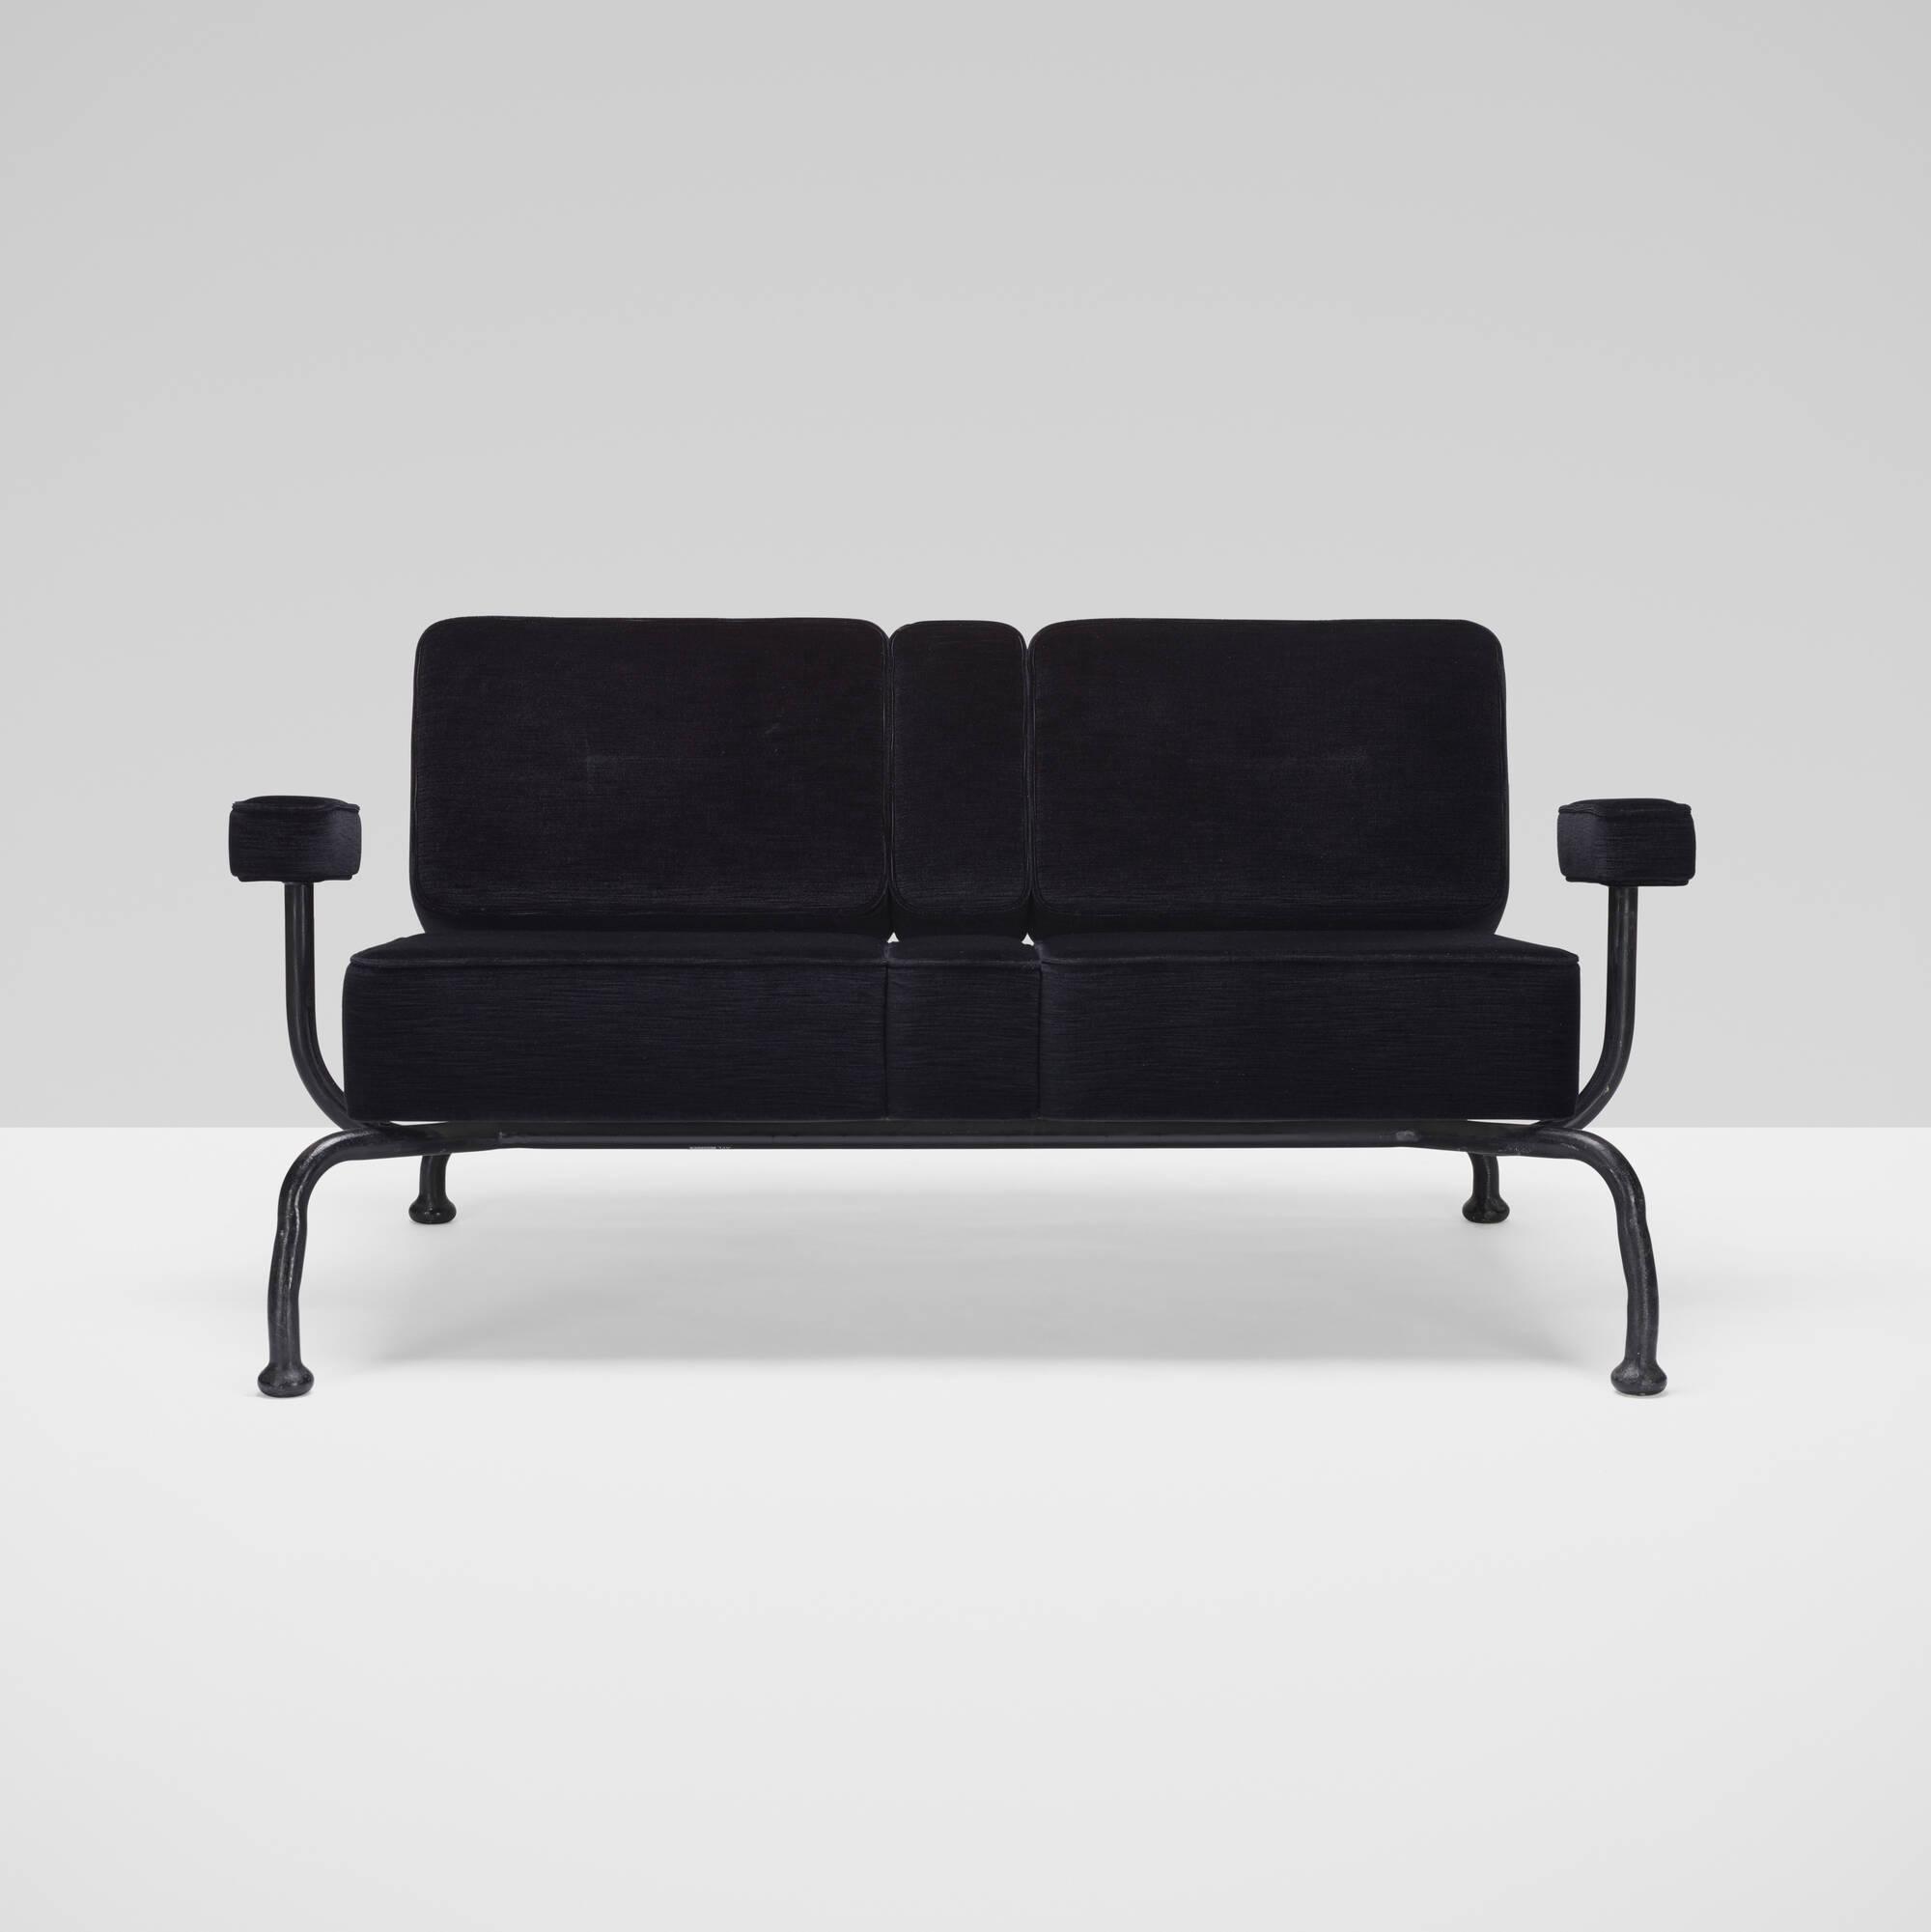 265: Atelier Van Lieshout / Bad Club Sofa (2 of 5)